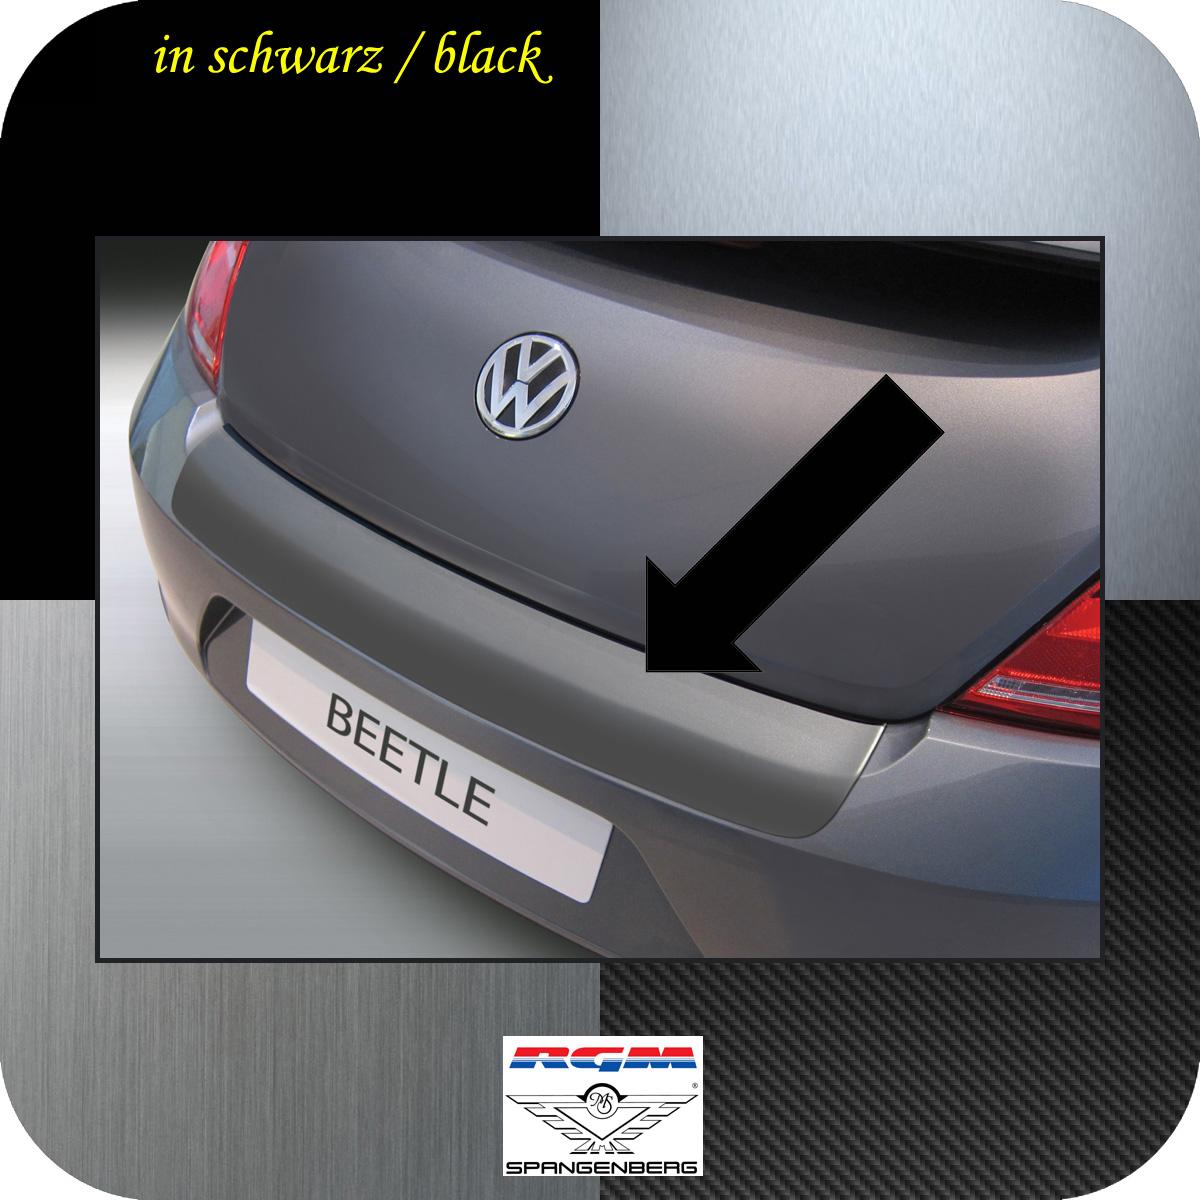 Ladekantenschutz schwarz Volkswagen VW Beetle 5C ab 10.2011- 3500958